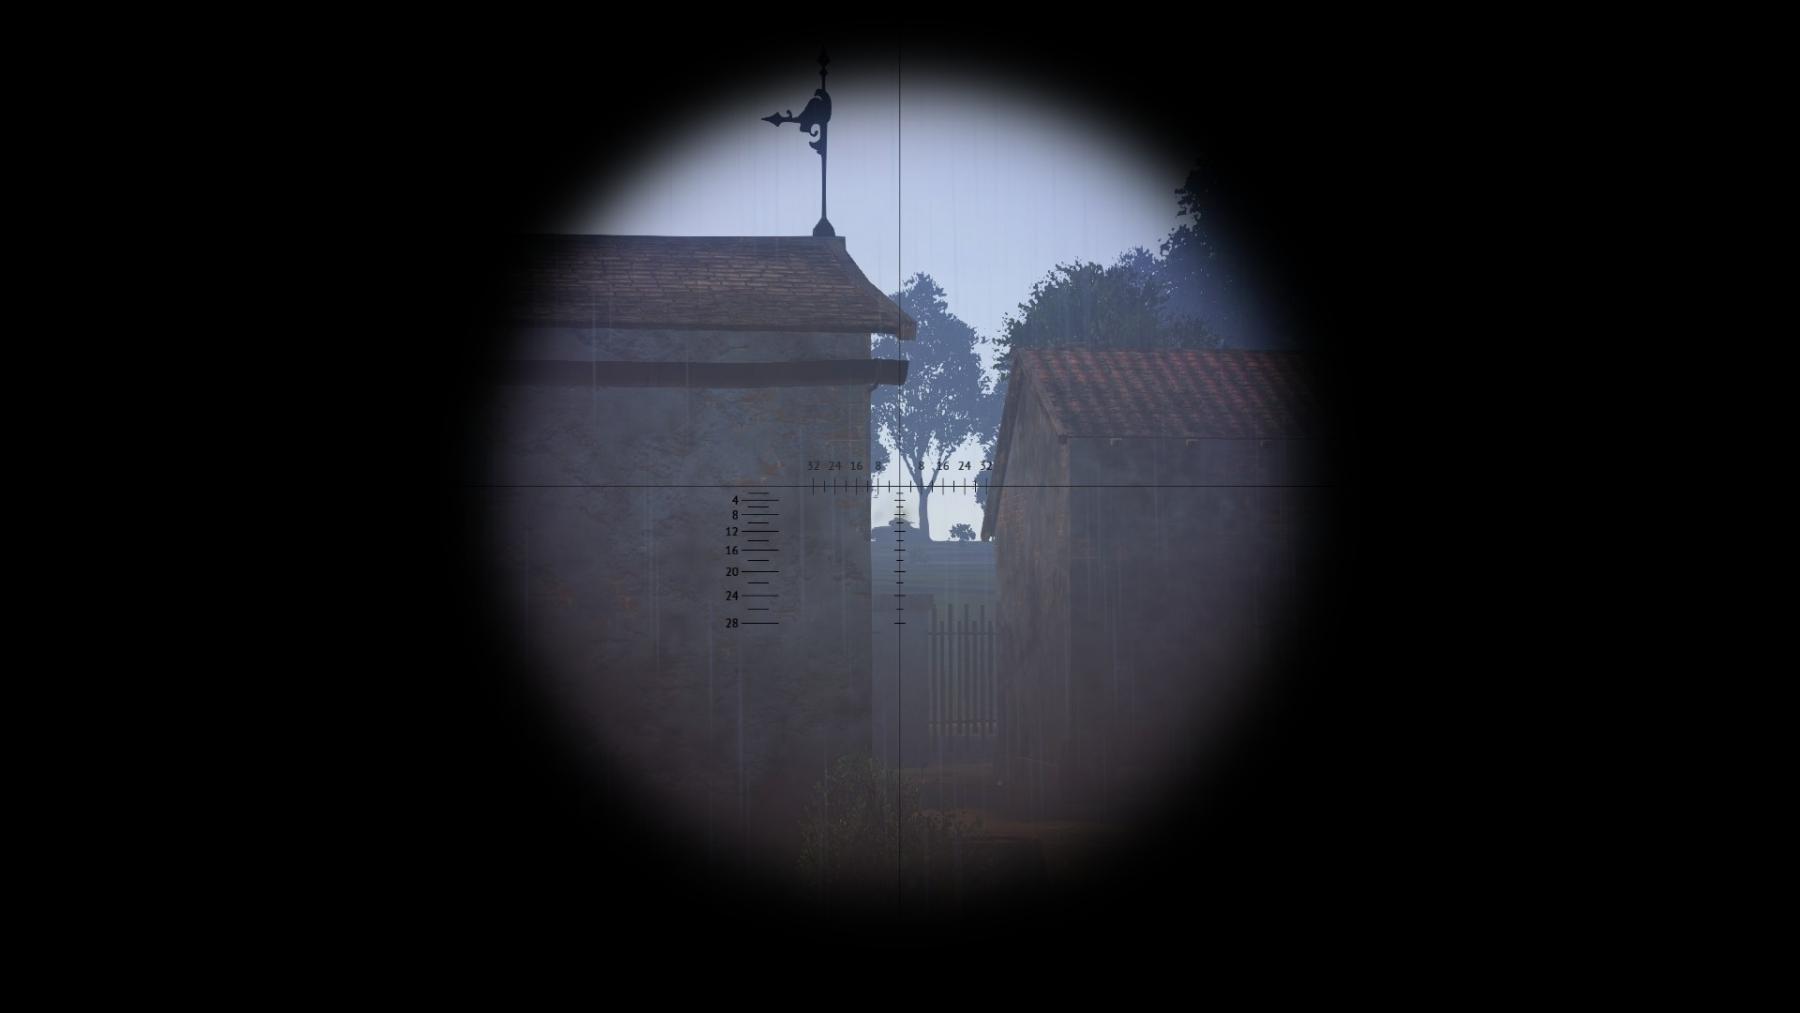 shot-2019.05.31-20.51.44